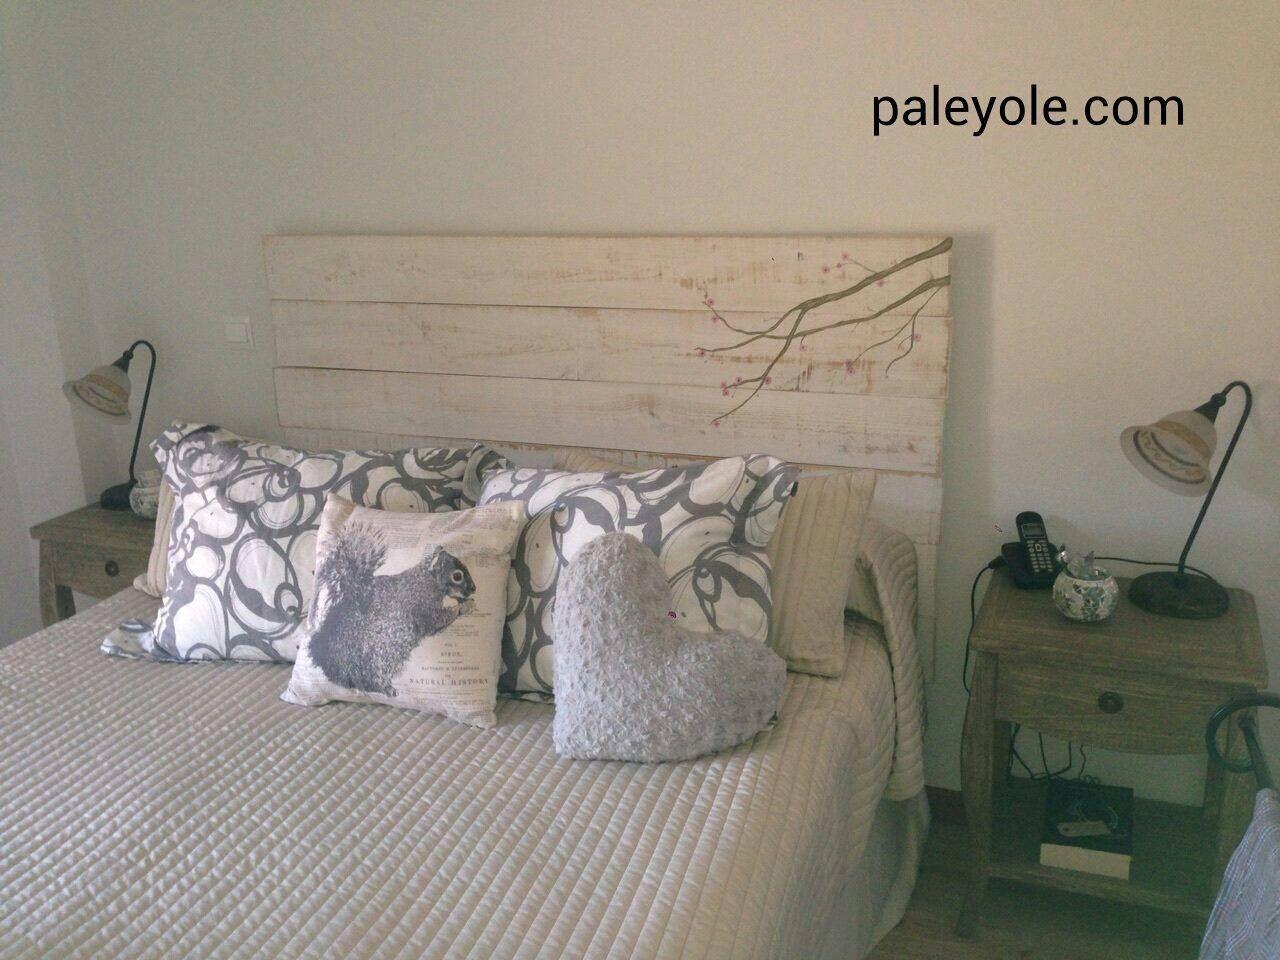 Cabeceros de cama hechos con madera de palet pal - Cabeceros de cama vintage ...